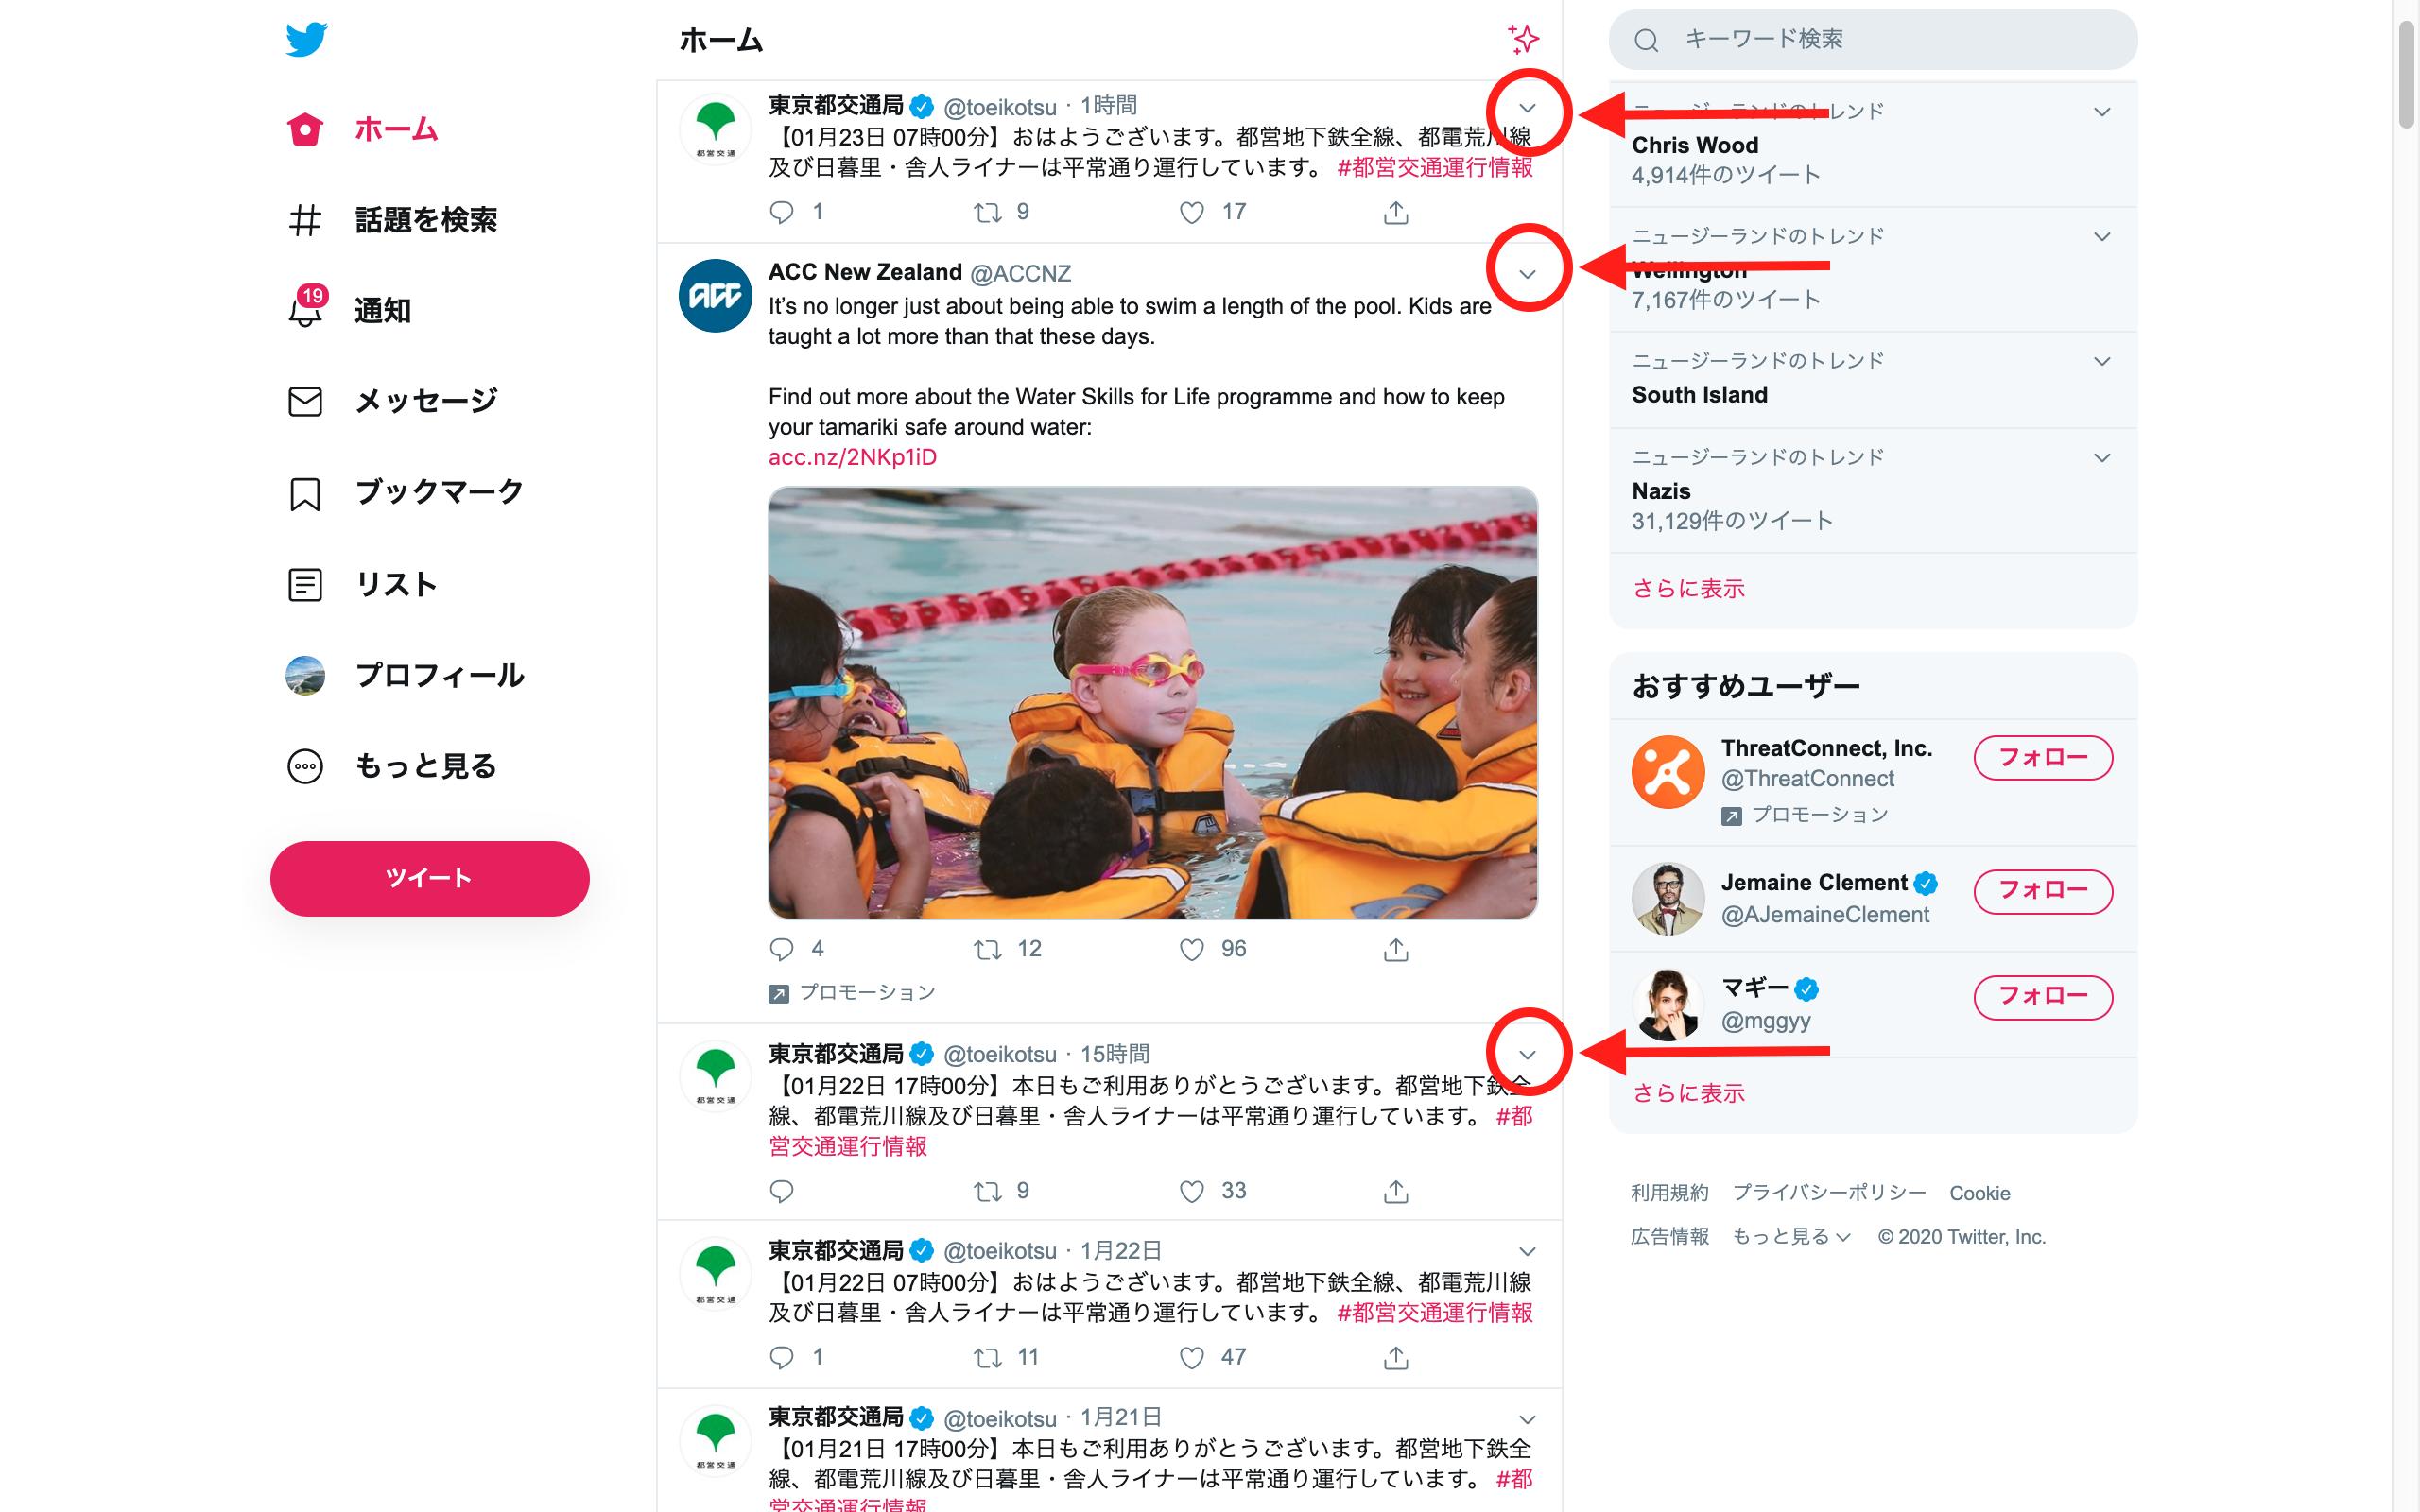 Twitterブラウザ版の通報(報告)方法1